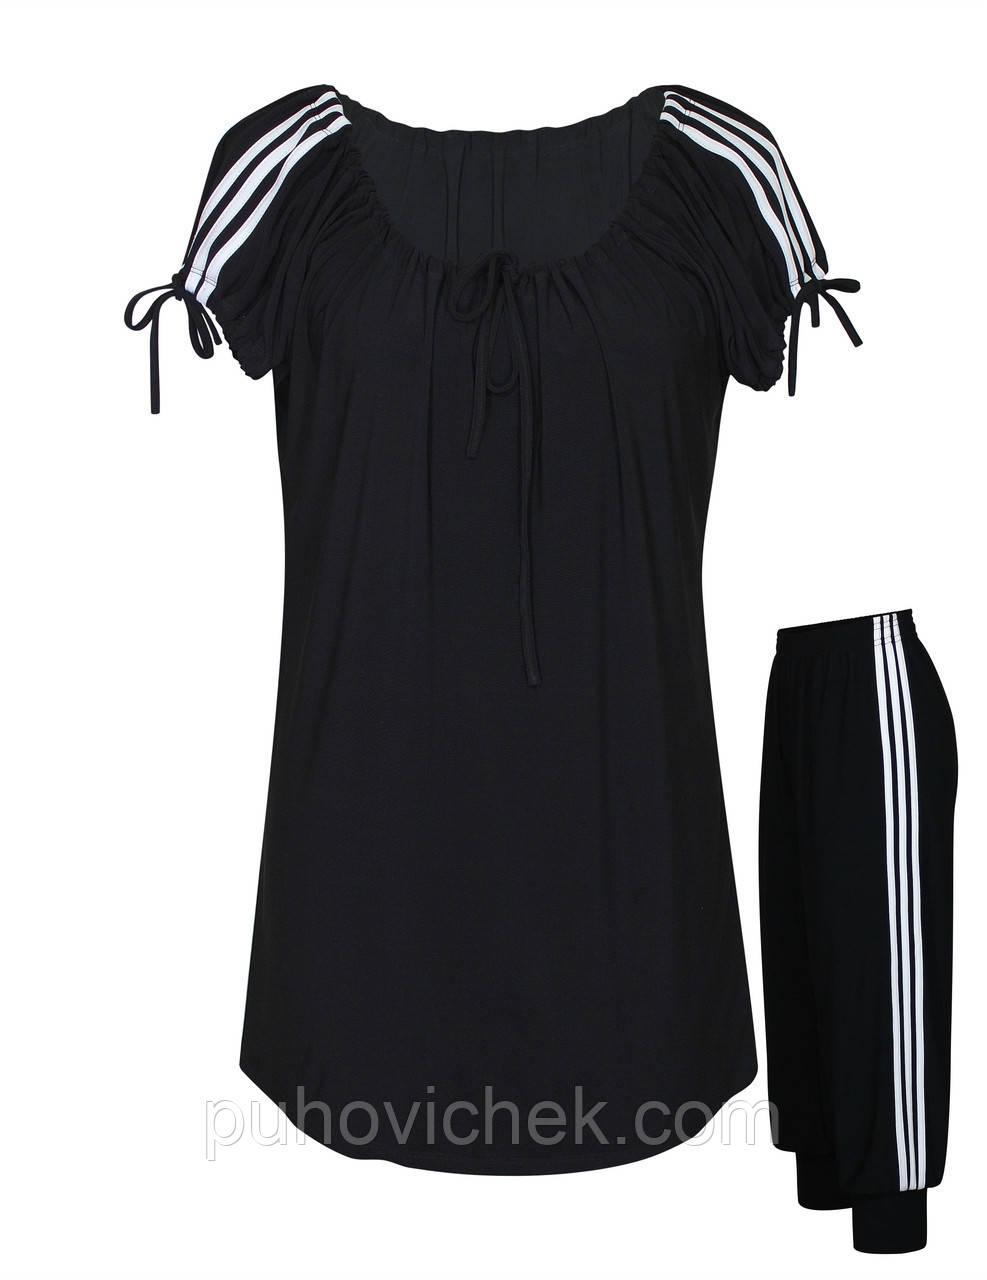 Купить недорогой спортивный костюм женский доставка